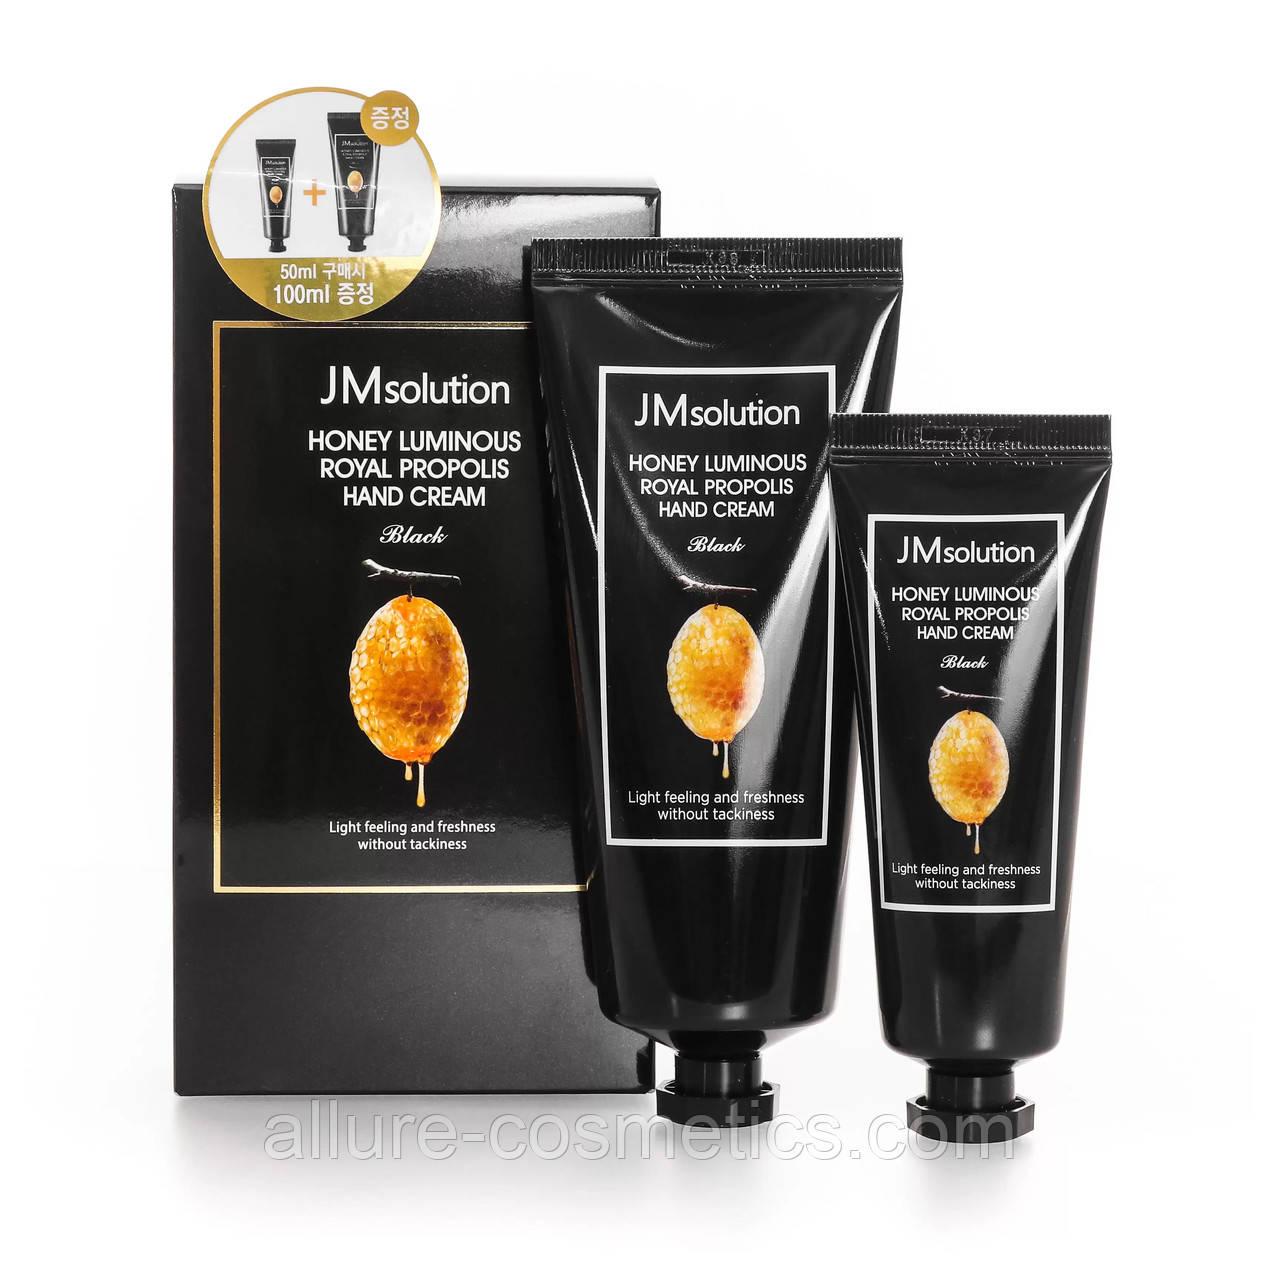 Набор кремов для рук с экстрактом прополиса JM Solution Honey Luminous Royal Propolis Hand Cream 100ml (+50ml)